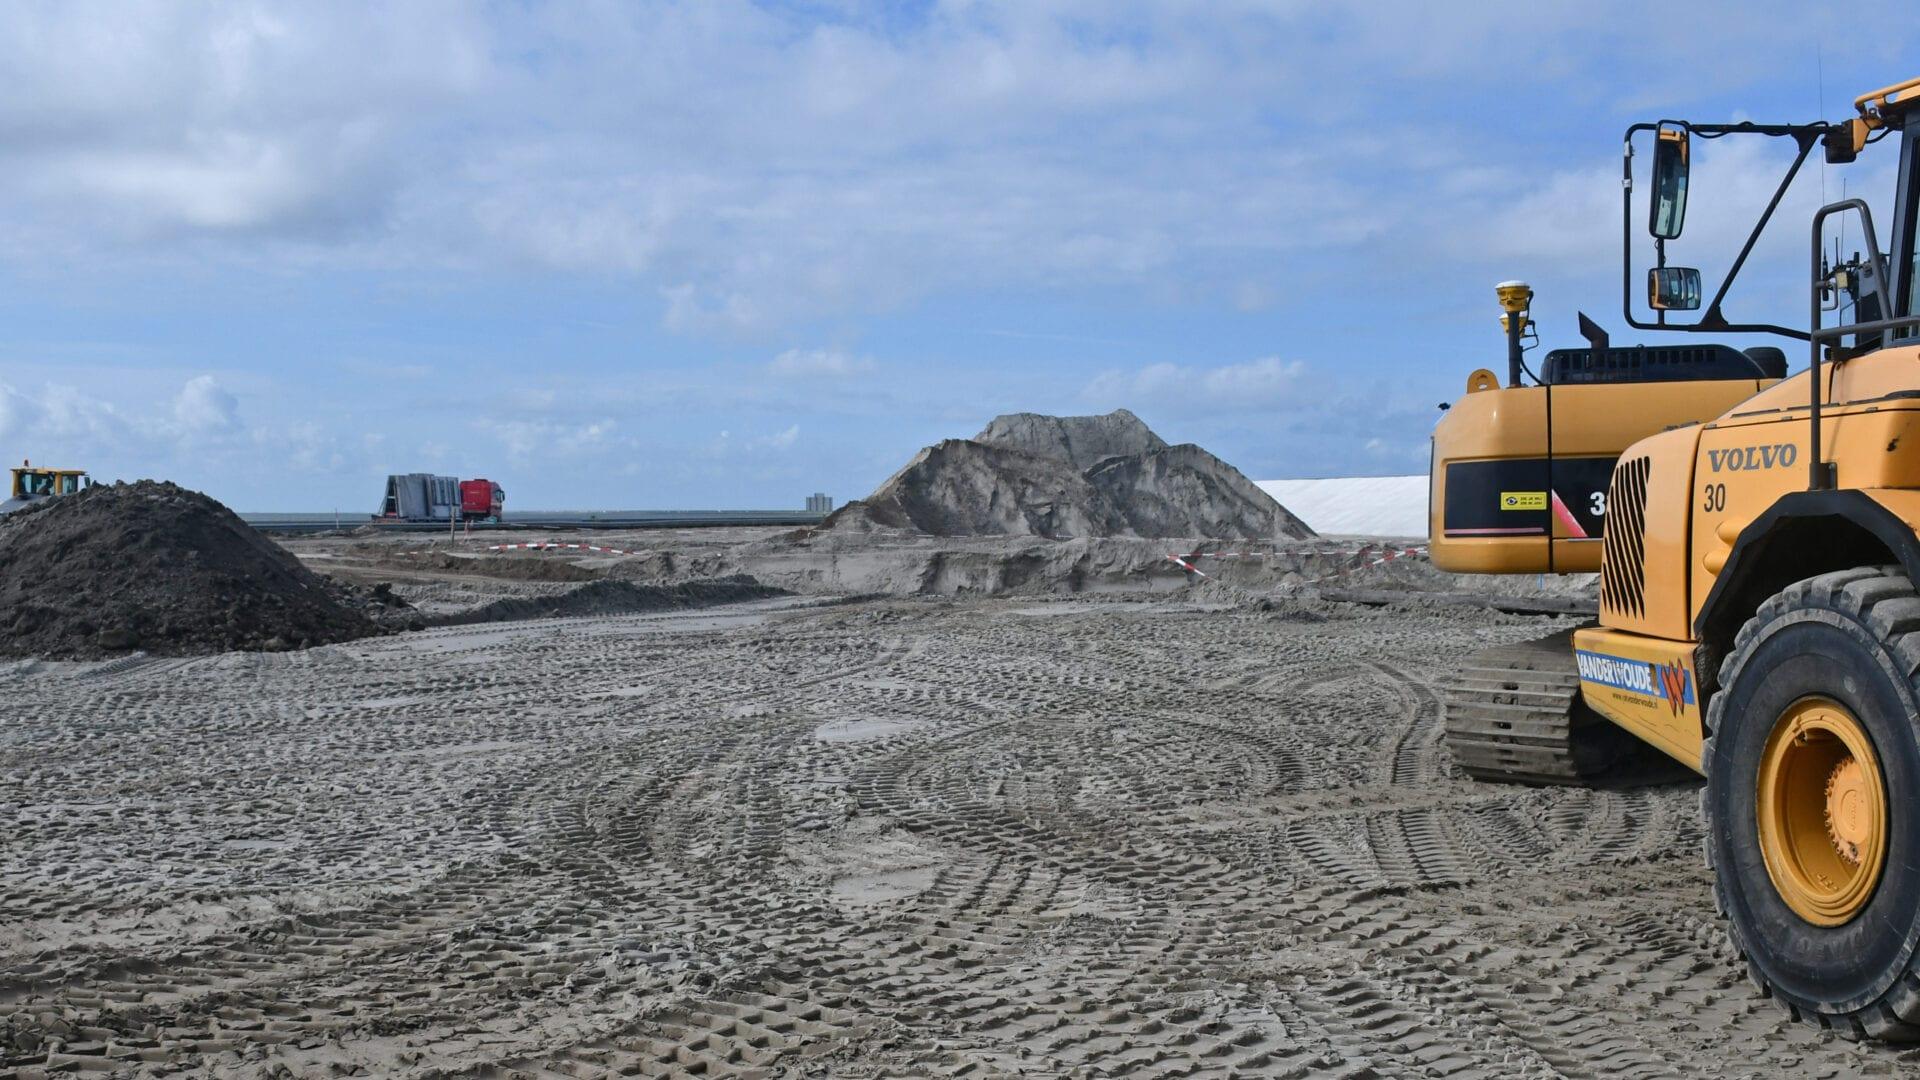 Voor de bypass worden voorbereidende werkzaamheden uitgevoerd zoals het egaliseren van de grond,